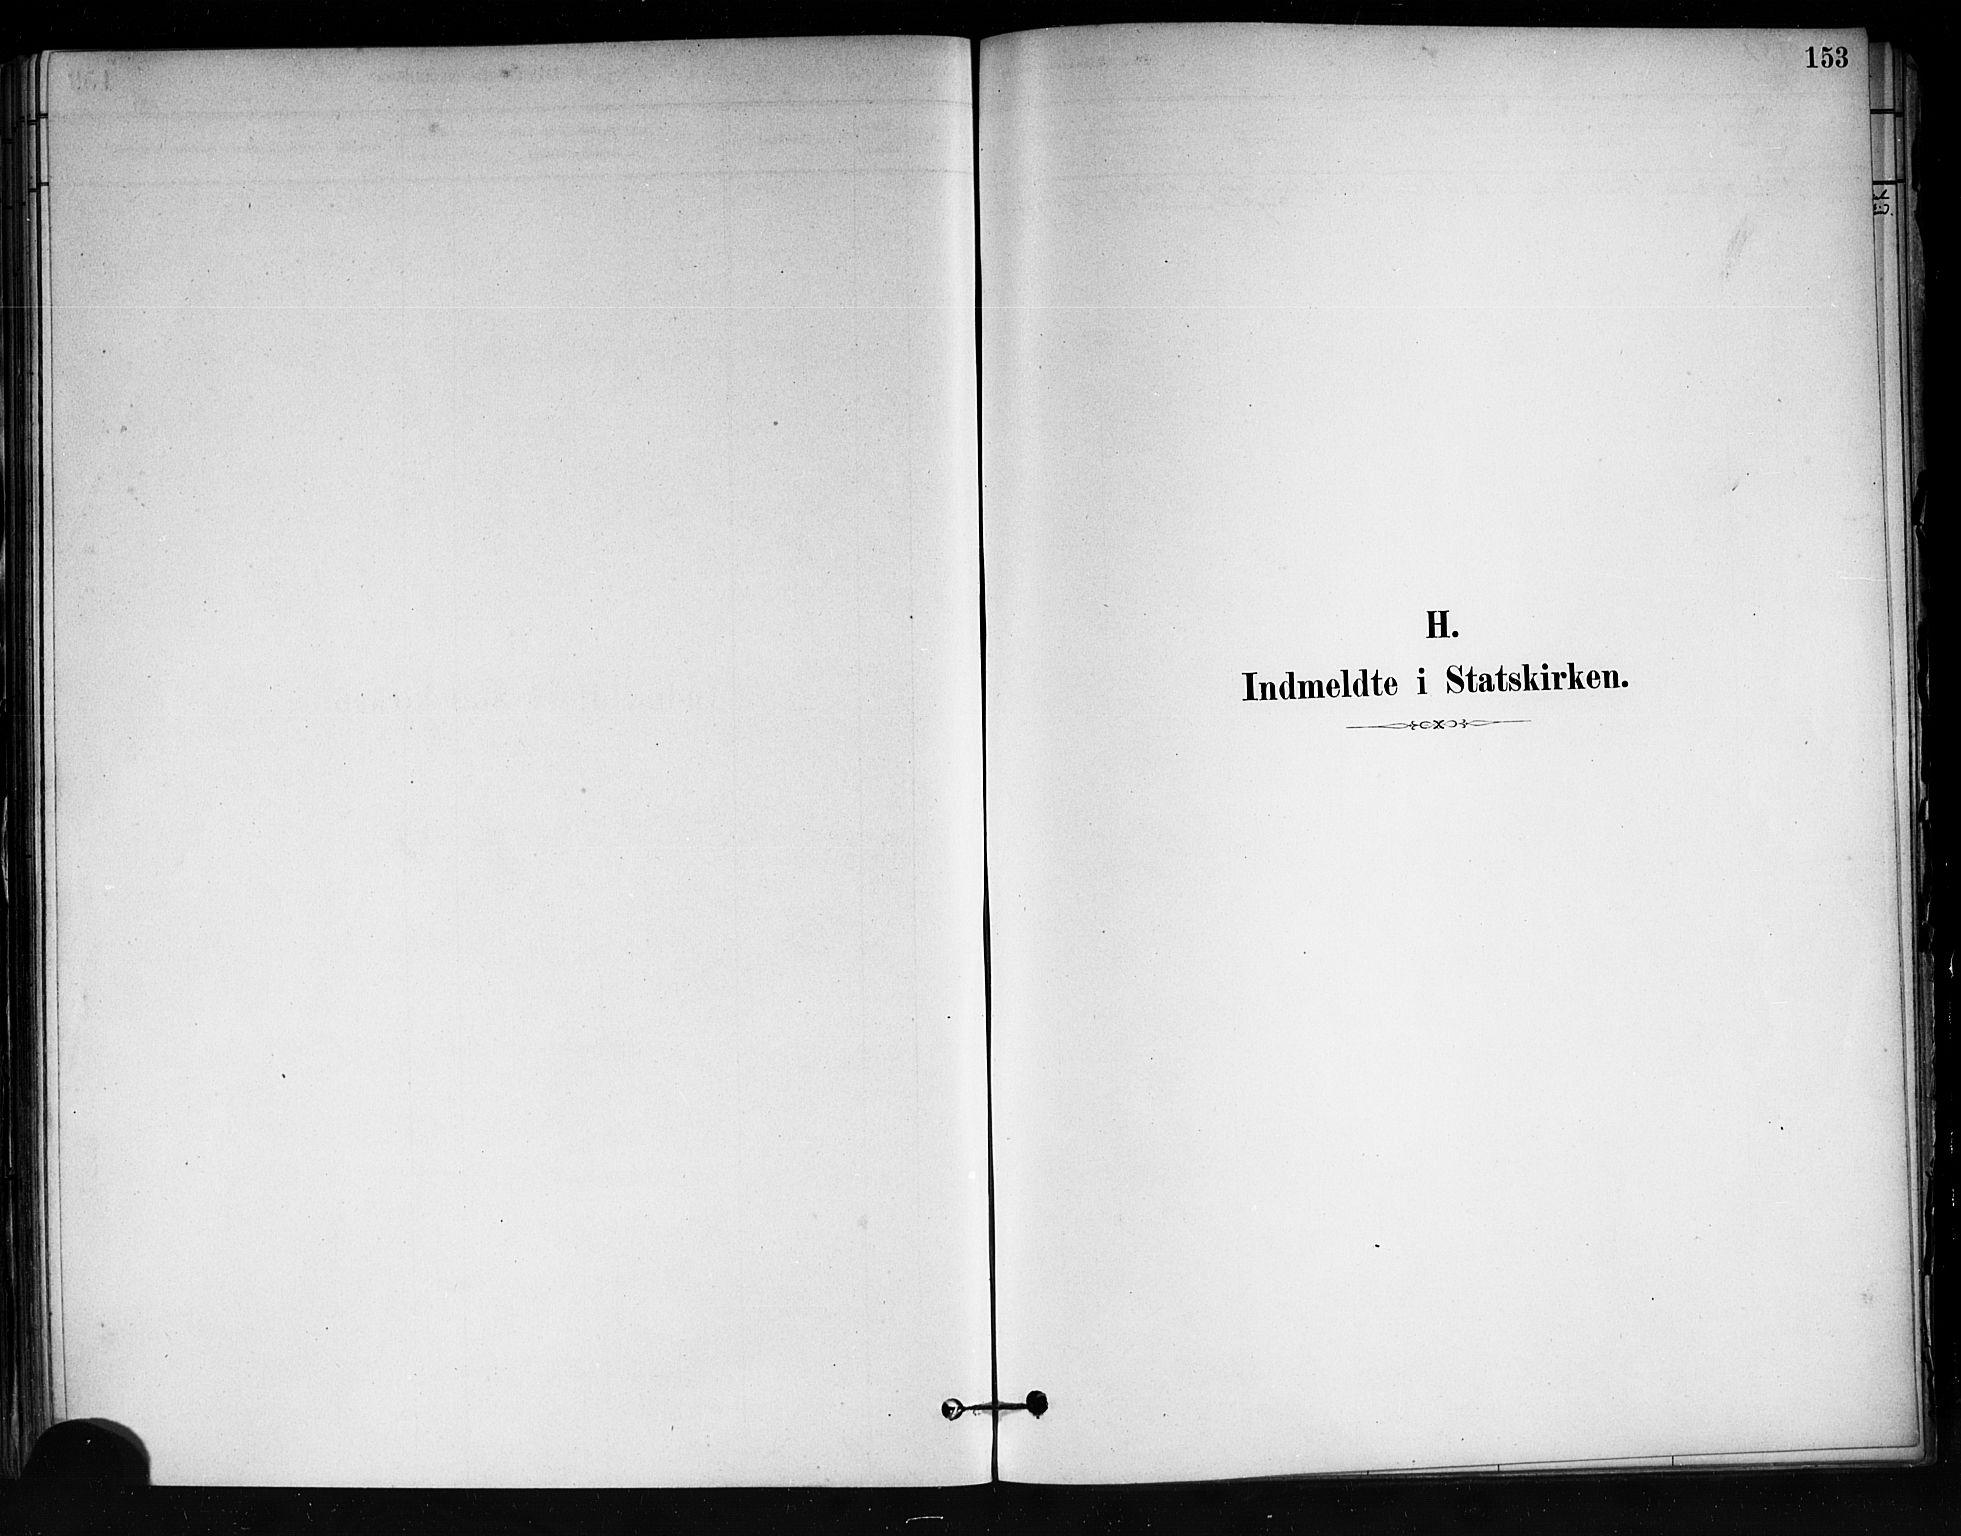 SAKO, Tjøme kirkebøker, F/Fa/L0001: Ministerialbok nr. 1, 1879-1890, s. 153